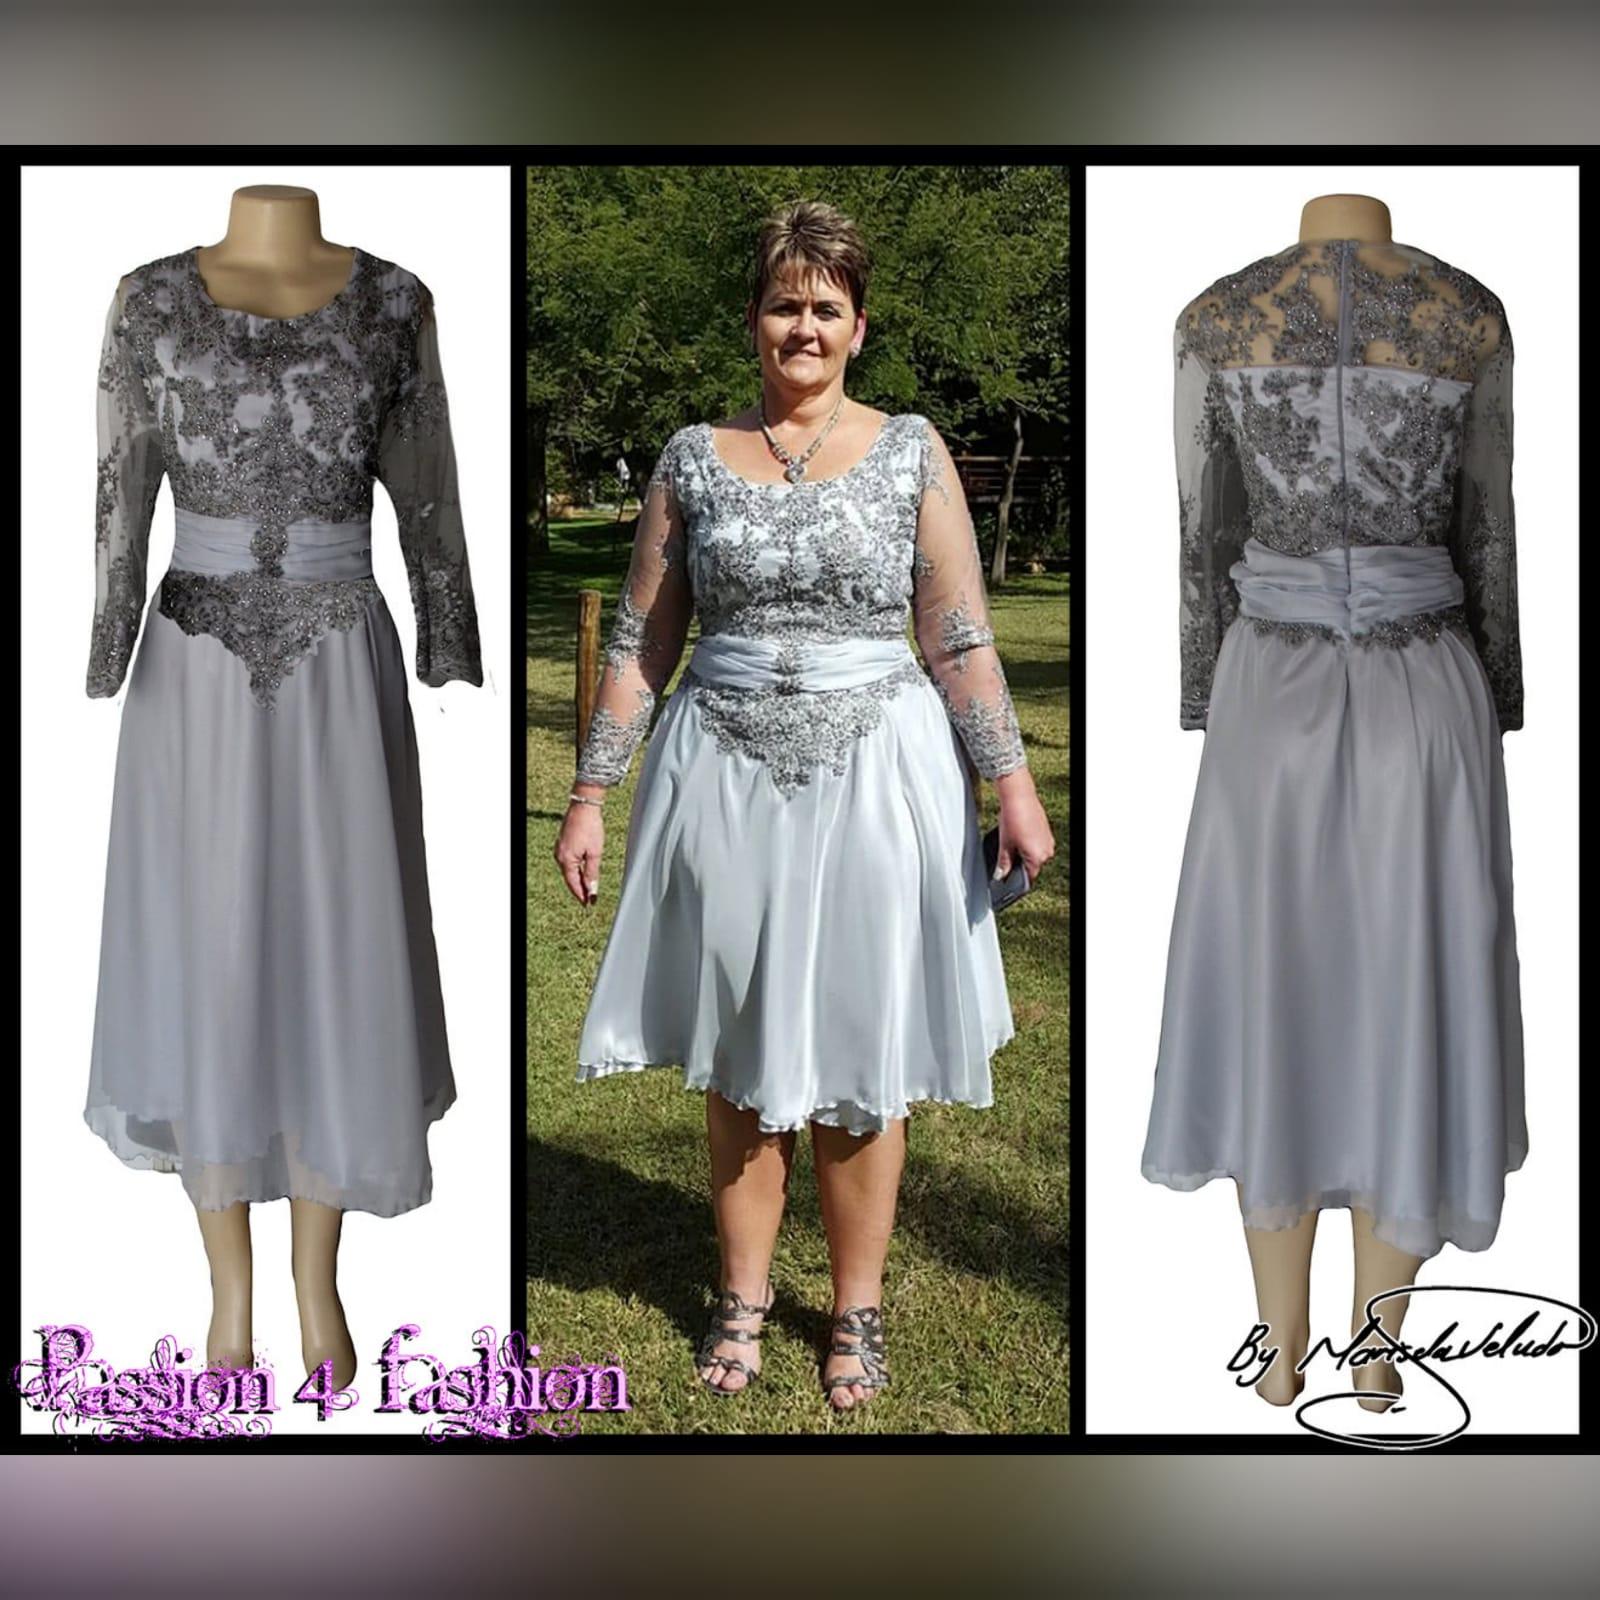 Vestido curto mãe da noiva cinzento 4 vestido da mãe da noiva comprimento de joelho cor cinza. Detalhado com um cinto reunido e rendas no corpete e mangas.